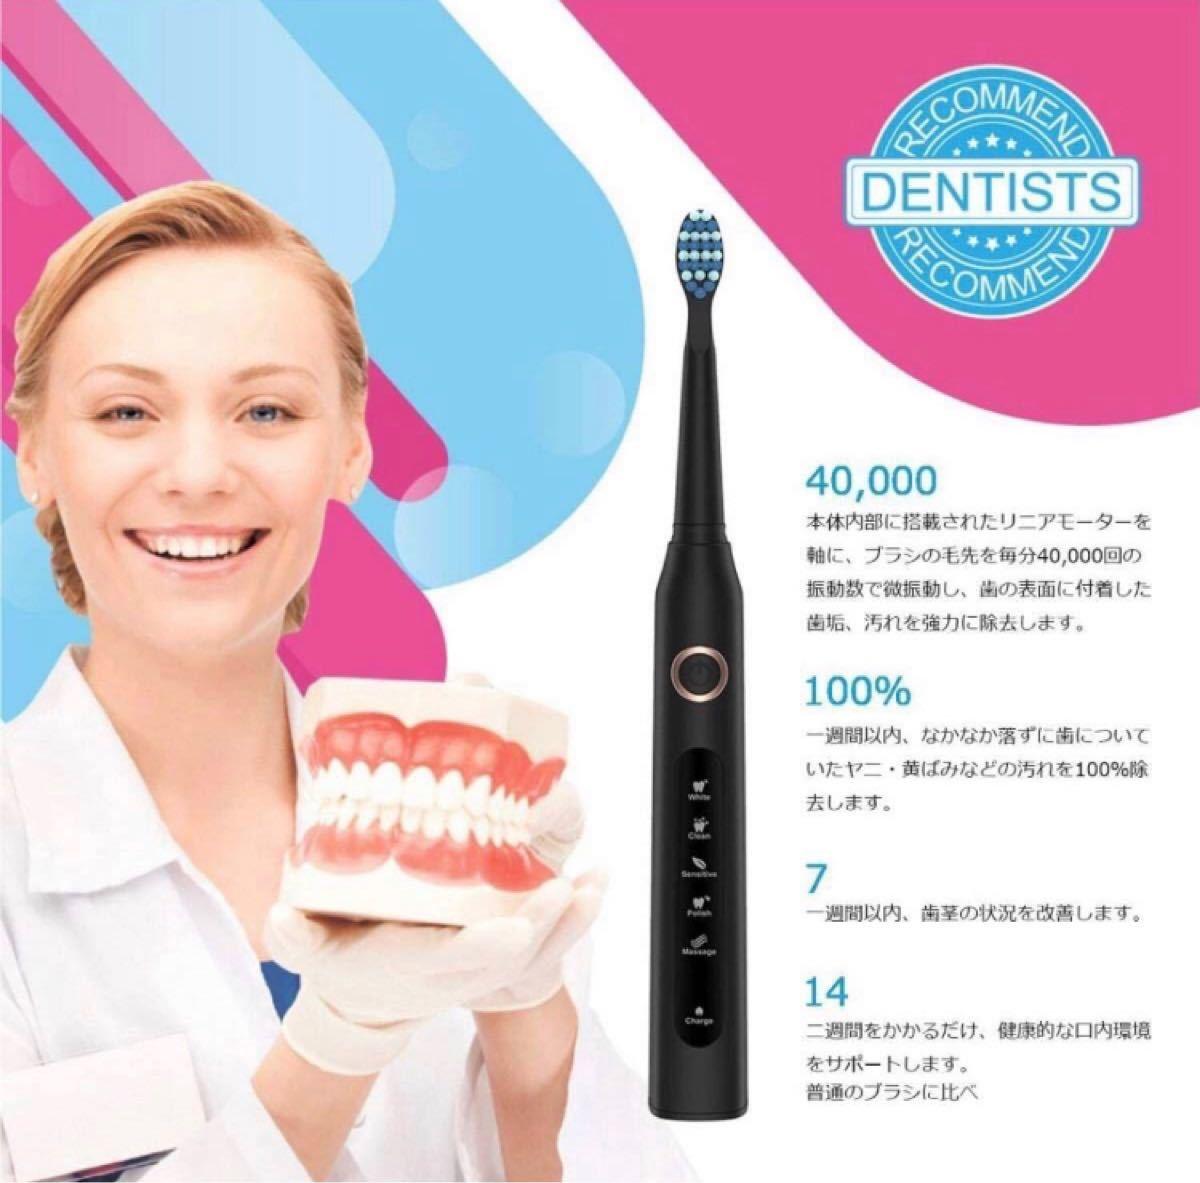 電動歯ブラシ 歯ブラシ ハブラシ Fairywill 音波歯ブラシ IPX7防水